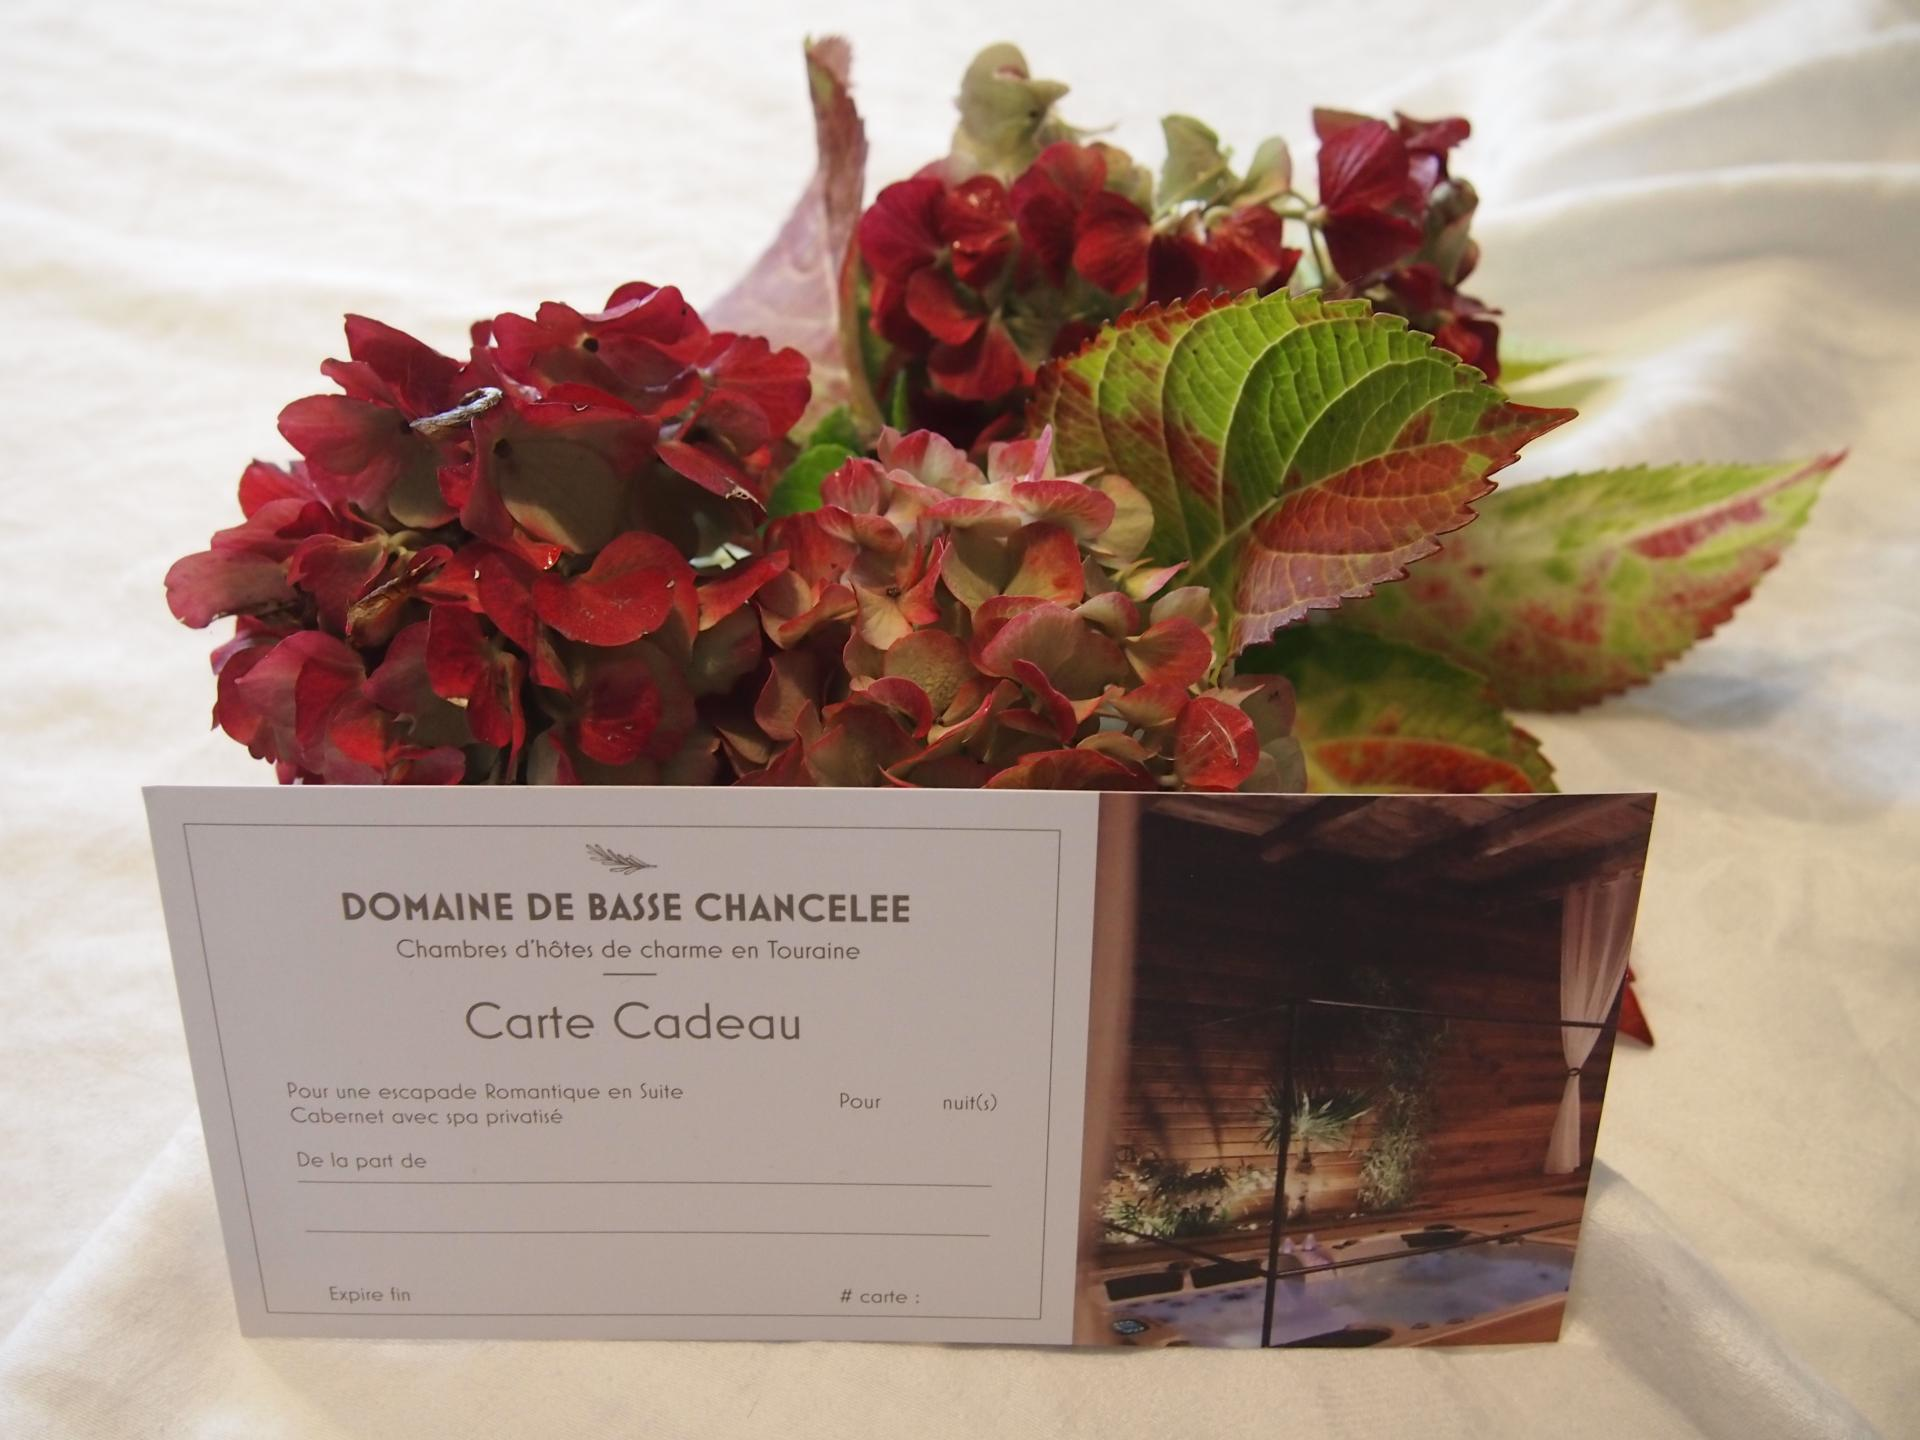 Carte cadeau Domaine de Basse Chancelee 2020